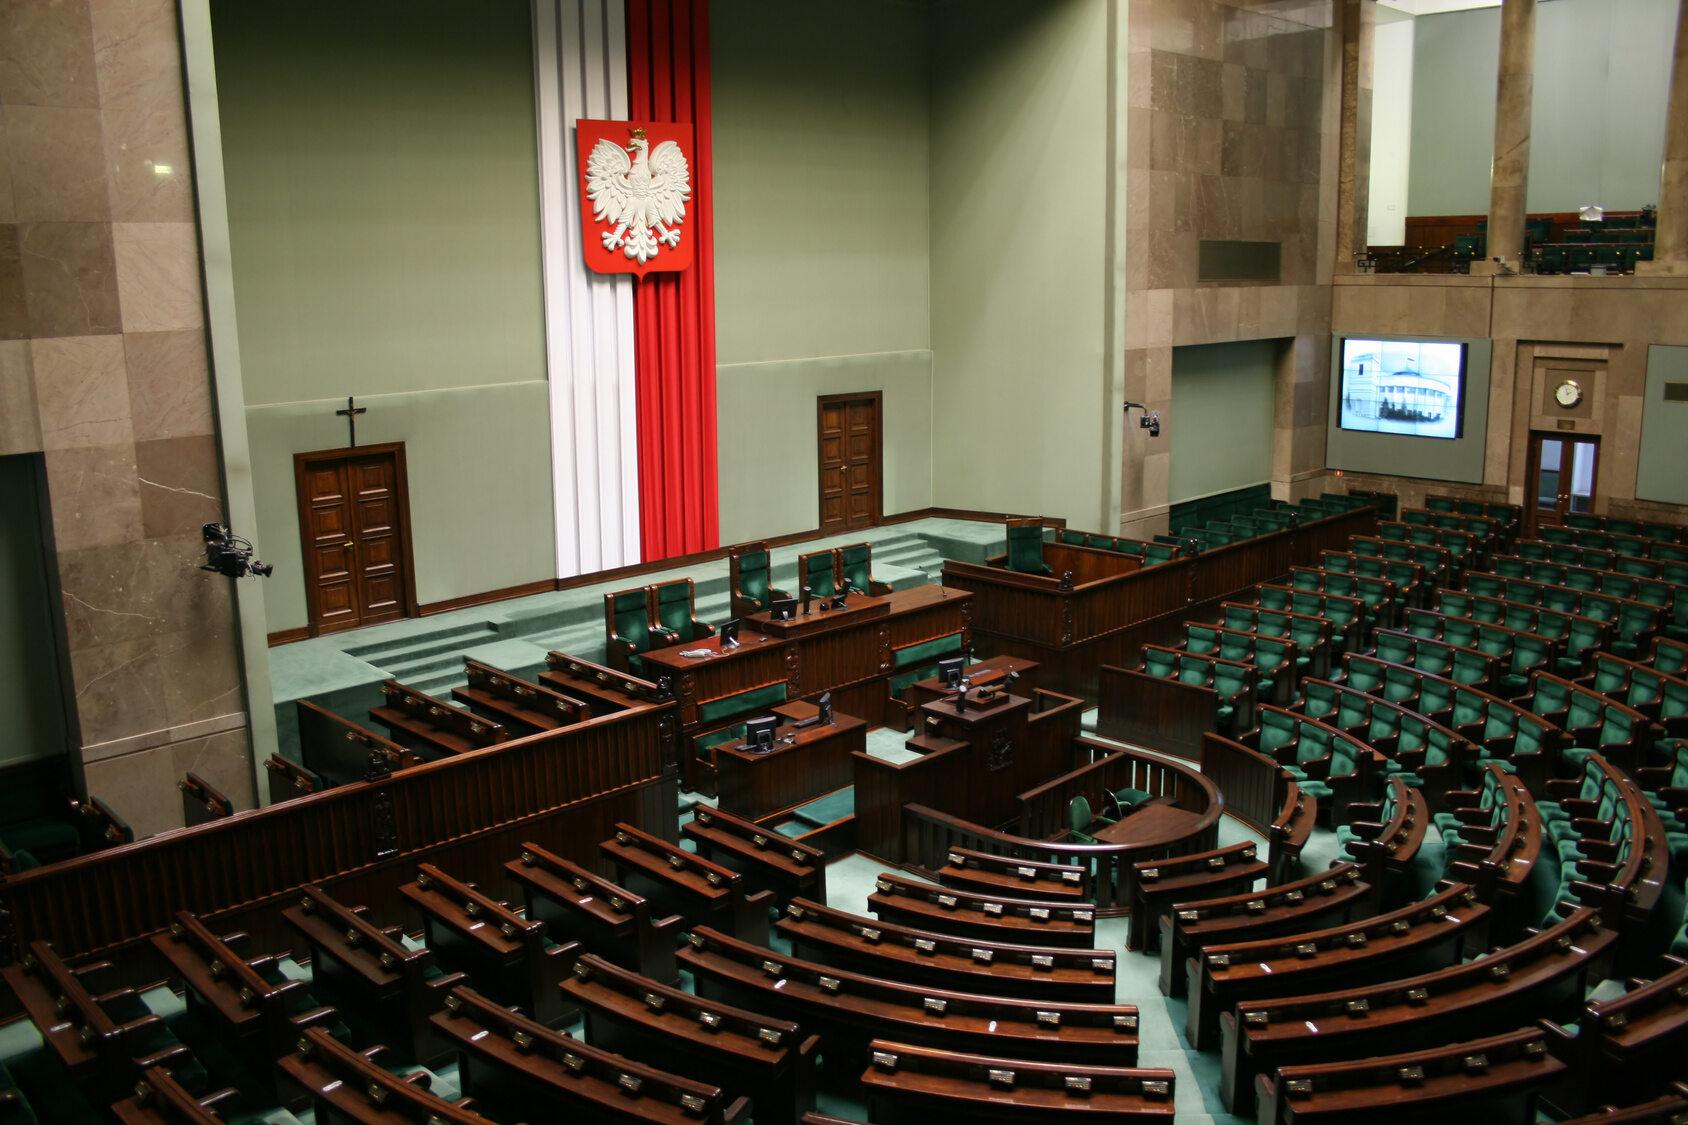 NA ŻYWO: Posiedzenie Sejmu ws. tarczy antykryzysowej. Przez koronawirusa częściowo zdalne